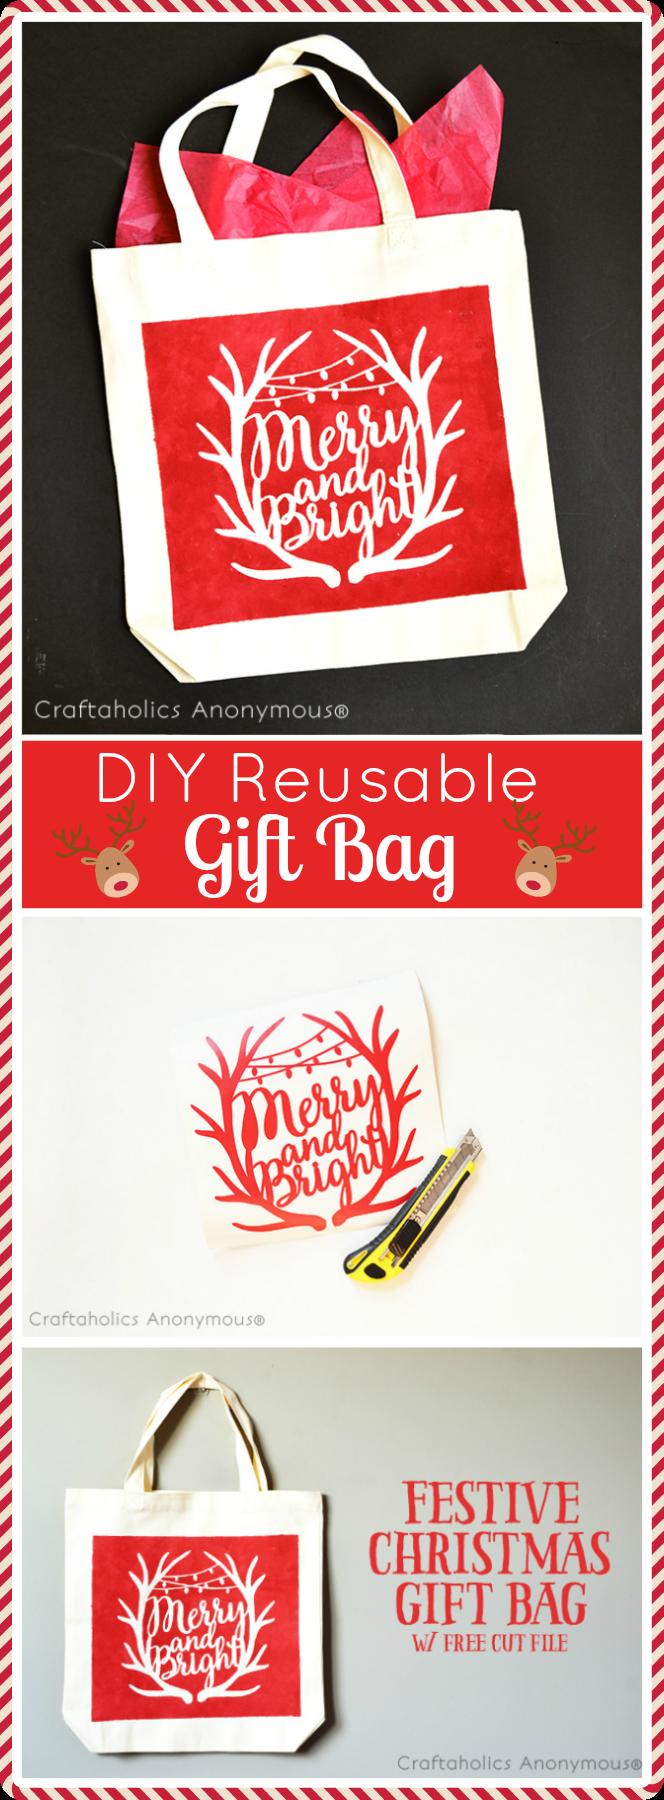 diy reusable gift bag. Make custom Christmas Gift bags!